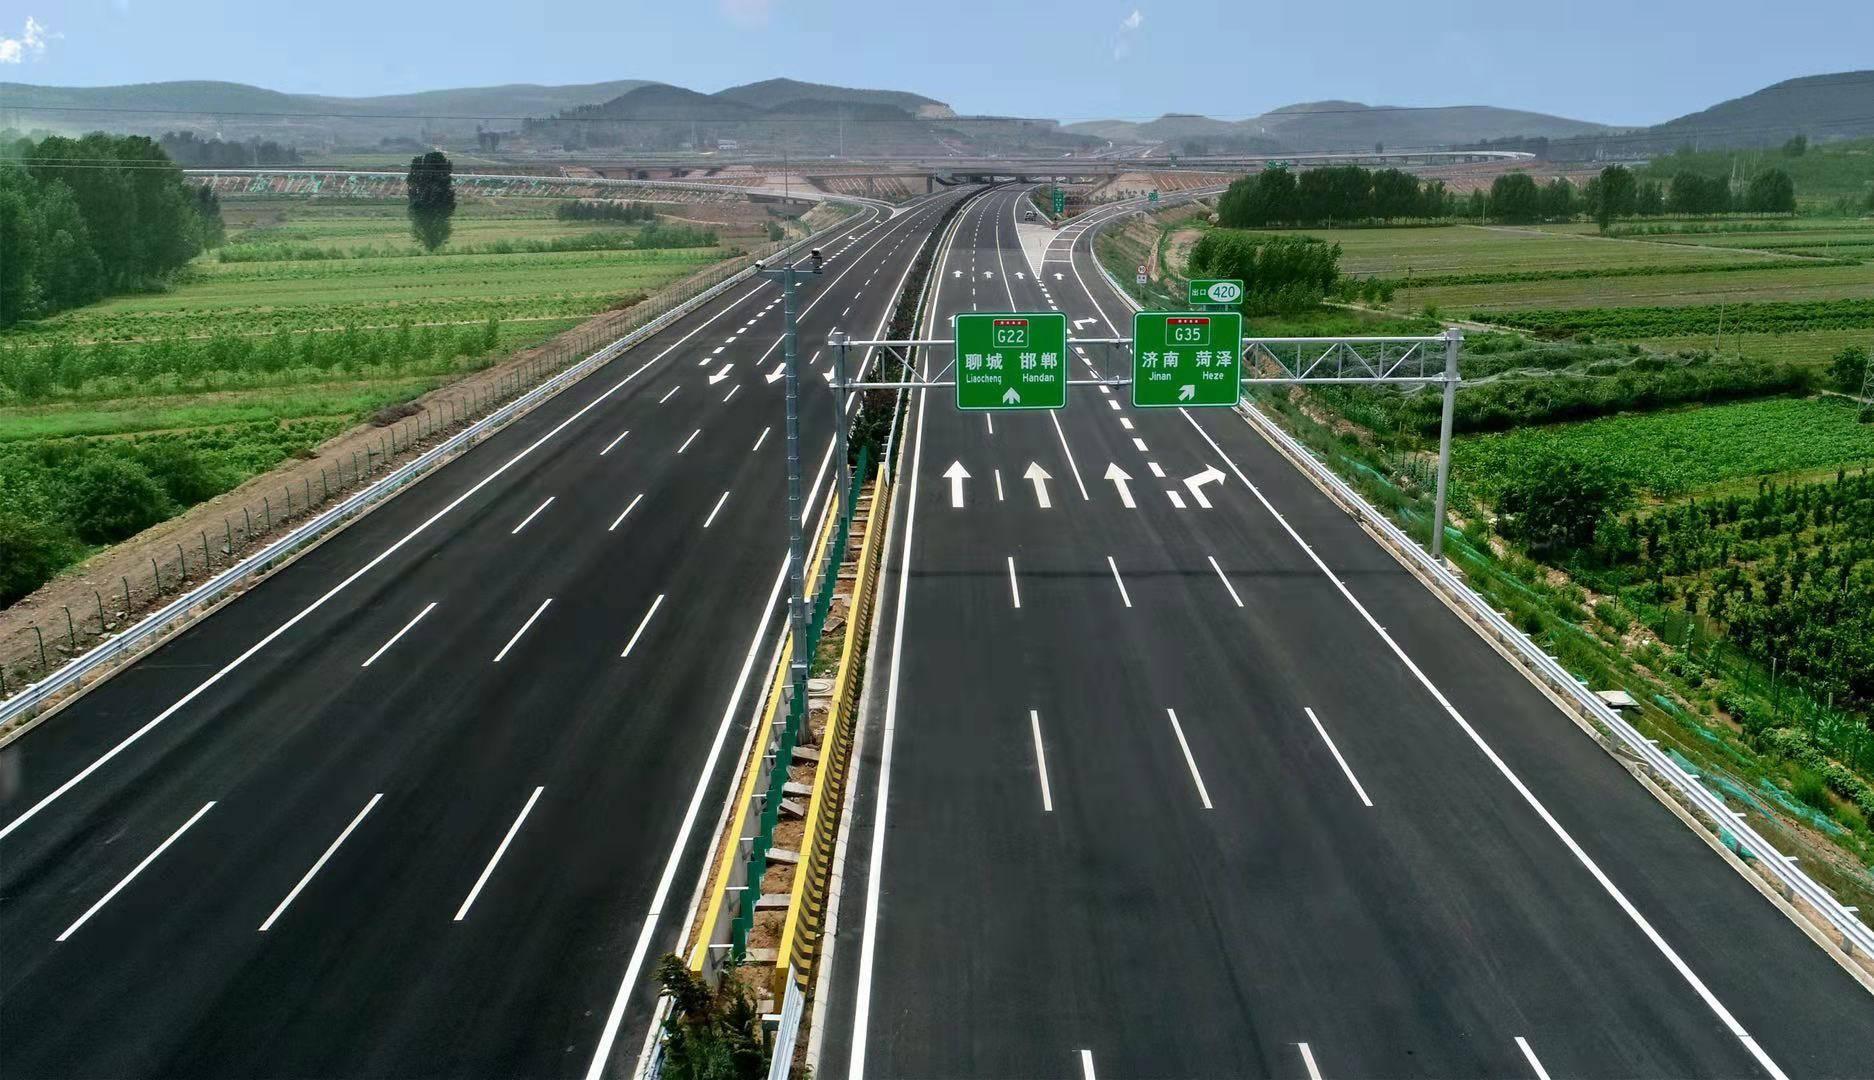 山东交通建设亮出上半年成绩单:11条高铁、23条高速、15条地铁建设完成投资超千亿